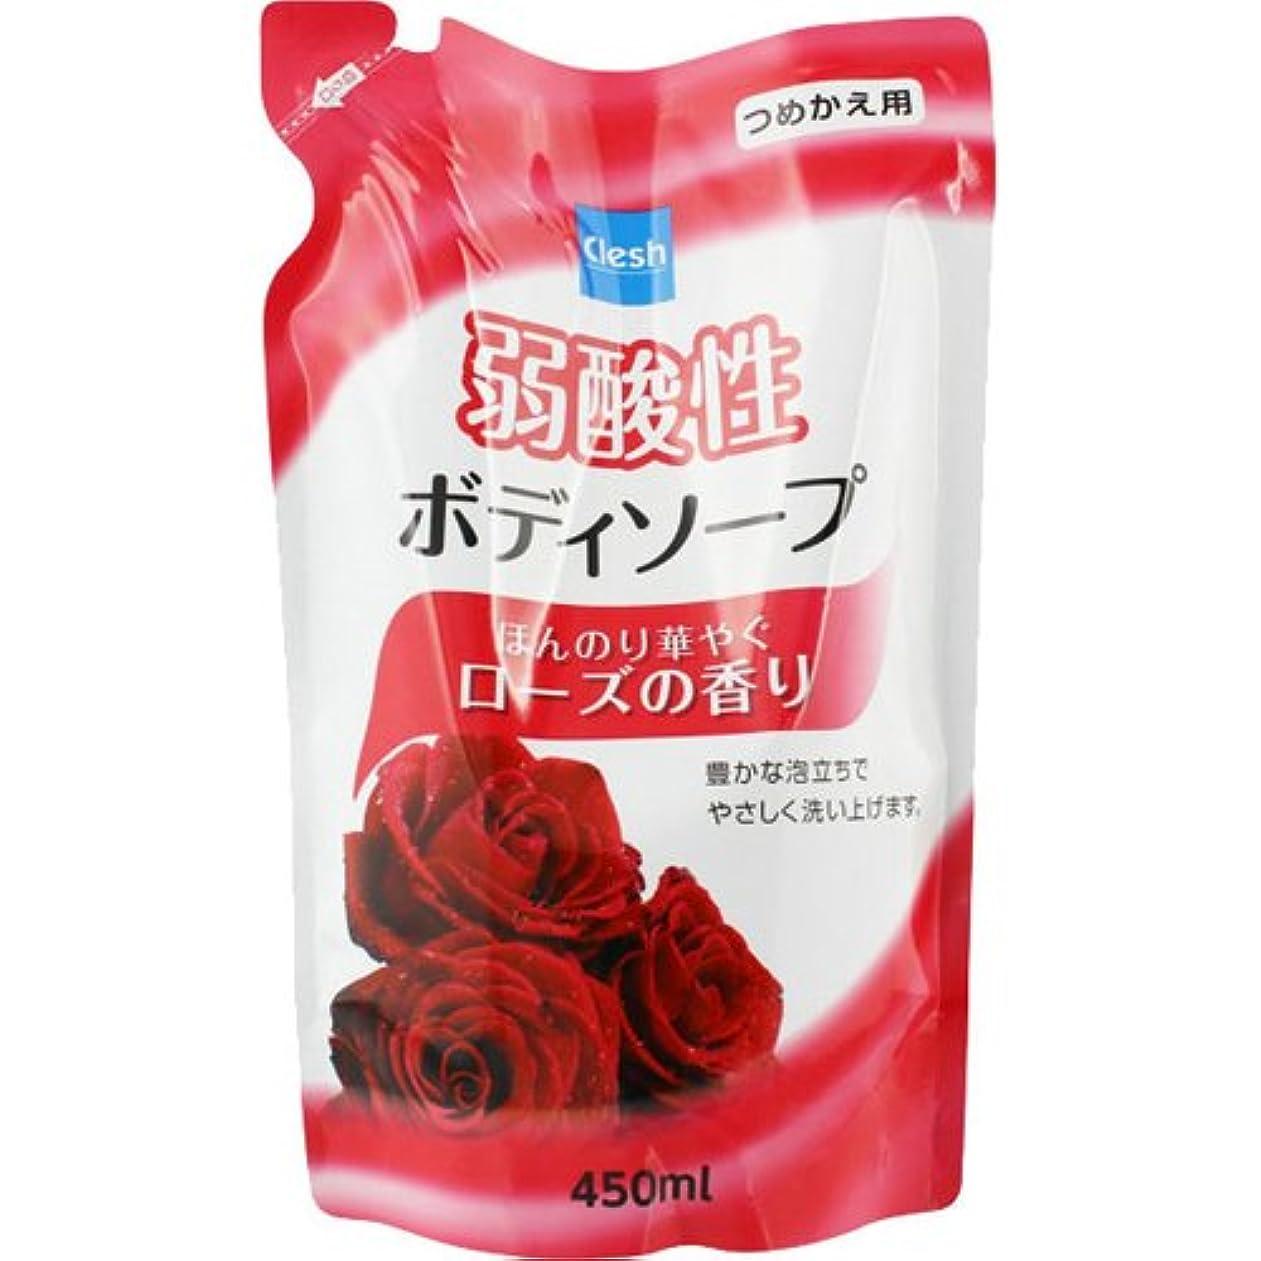 ファイター深く交通Clesh(クレシュ) 弱酸性ボディソープ ローズの香り つめかえ用 450ml